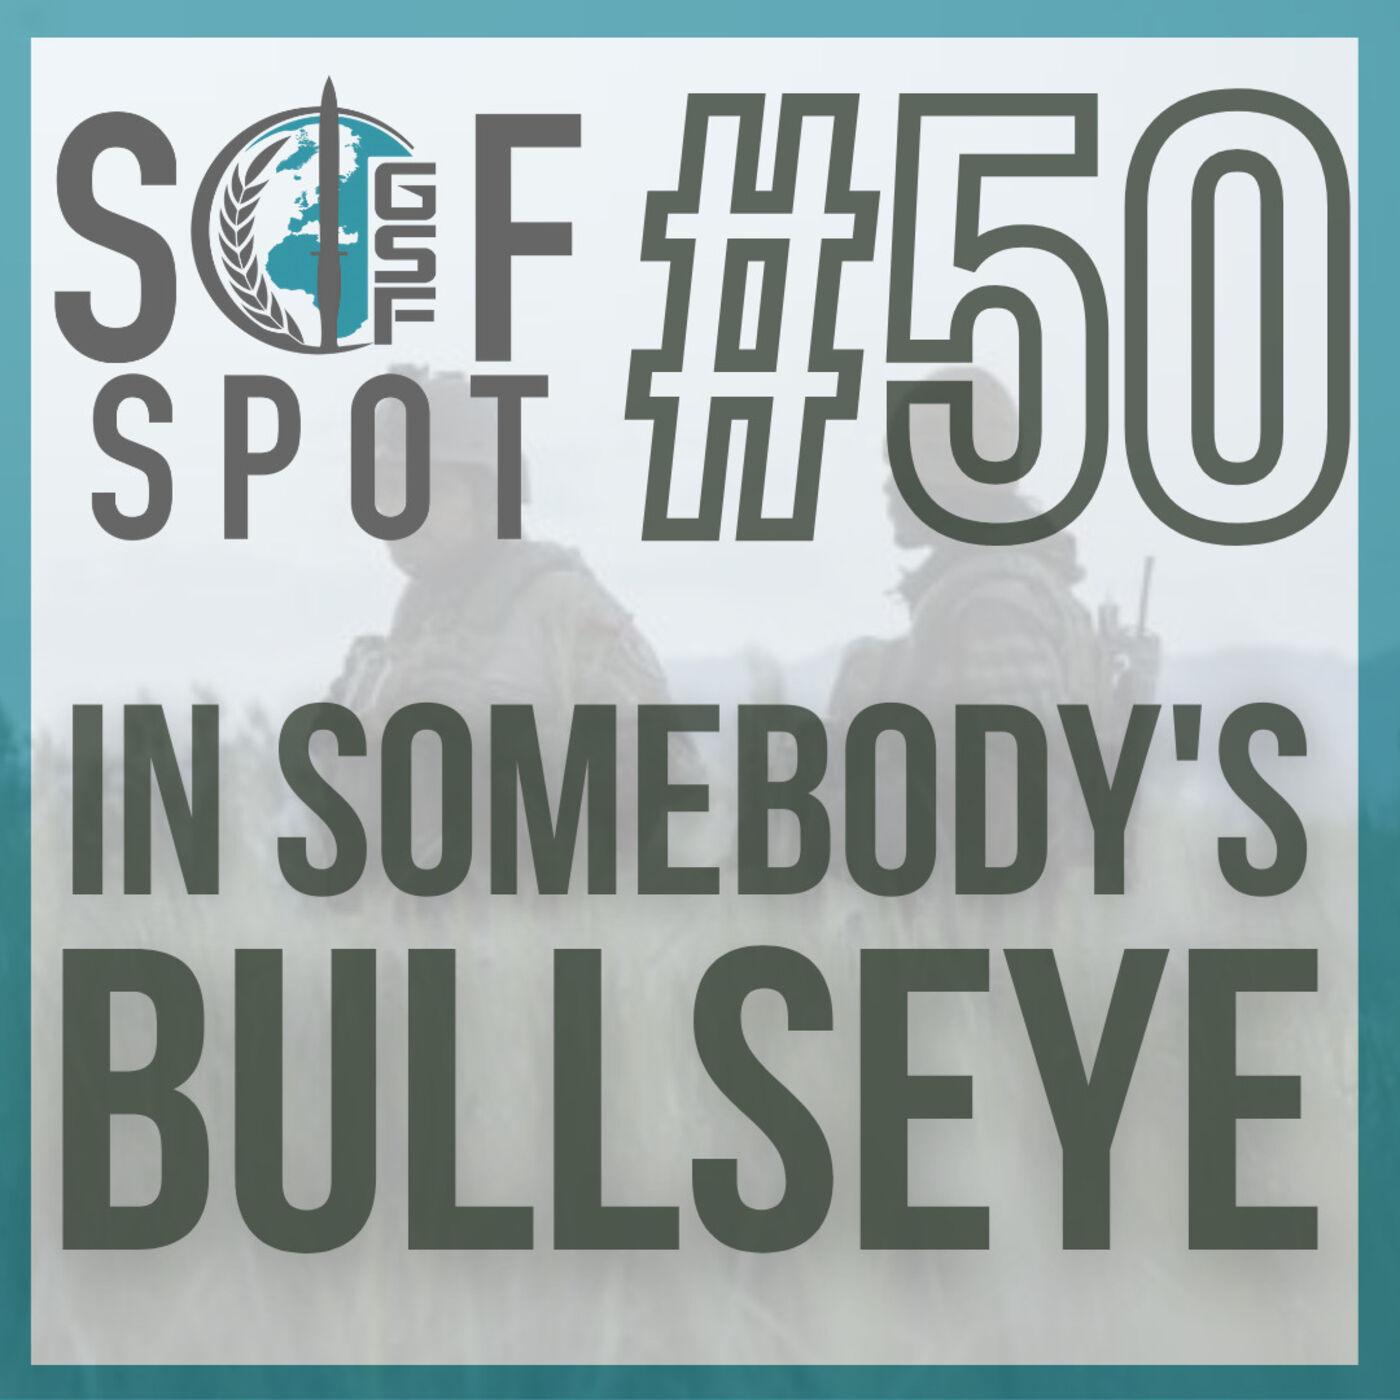 In Somebody's Bullseye